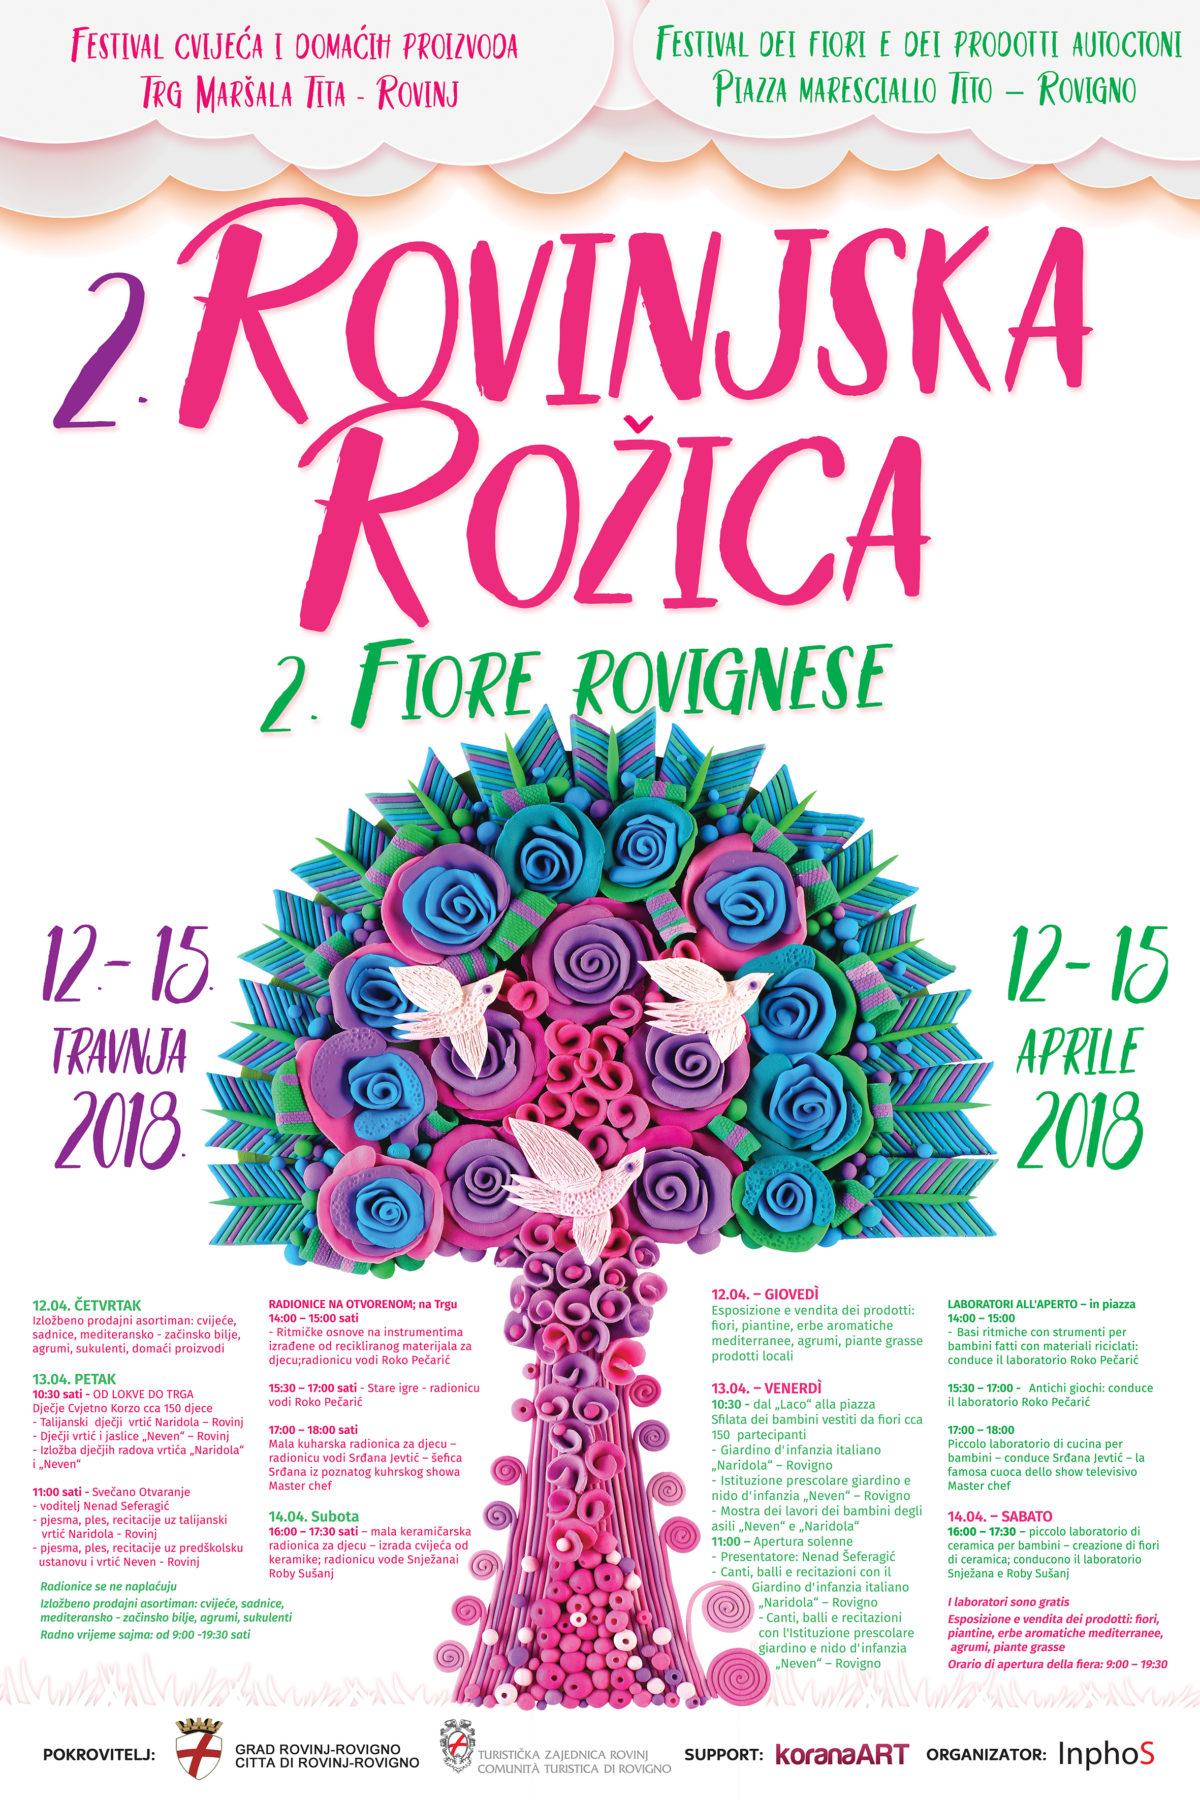 2. fiore rovignese – manifestazione floreale - glavna fotografija